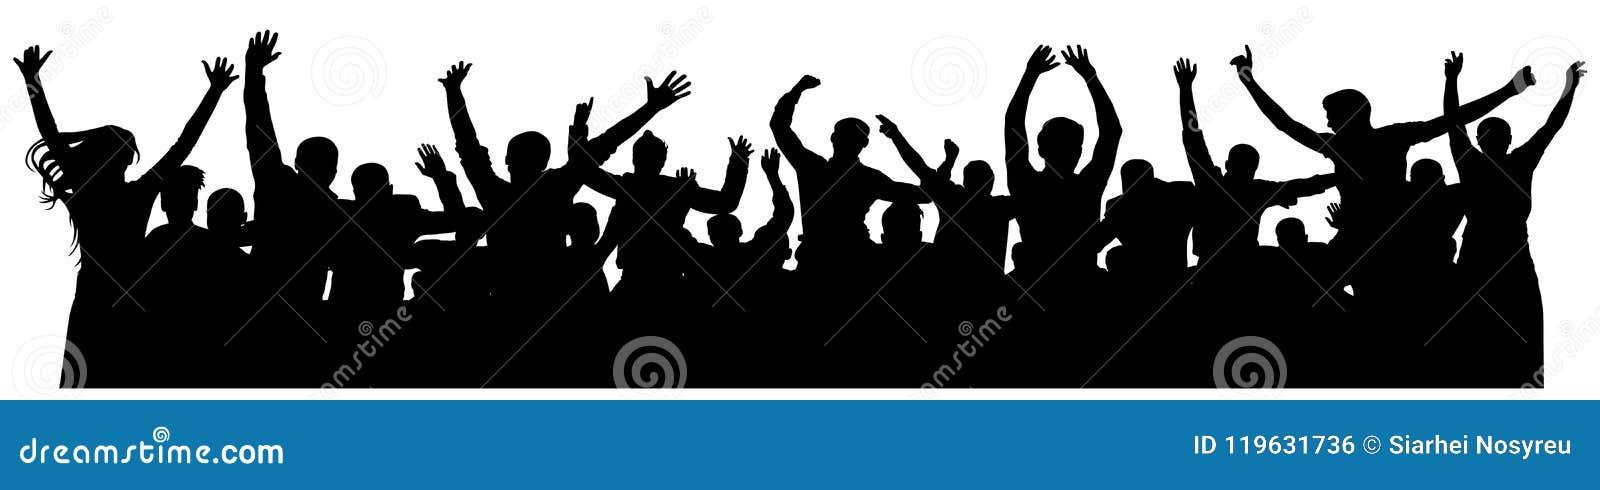 Εύθυμη σκιαγραφία ανθρώπων πλήθους Χαρούμενος όχλος Ευτυχής ομάδα νέων που χορεύουν στο μουσικό κόμμα, συναυλία, disco